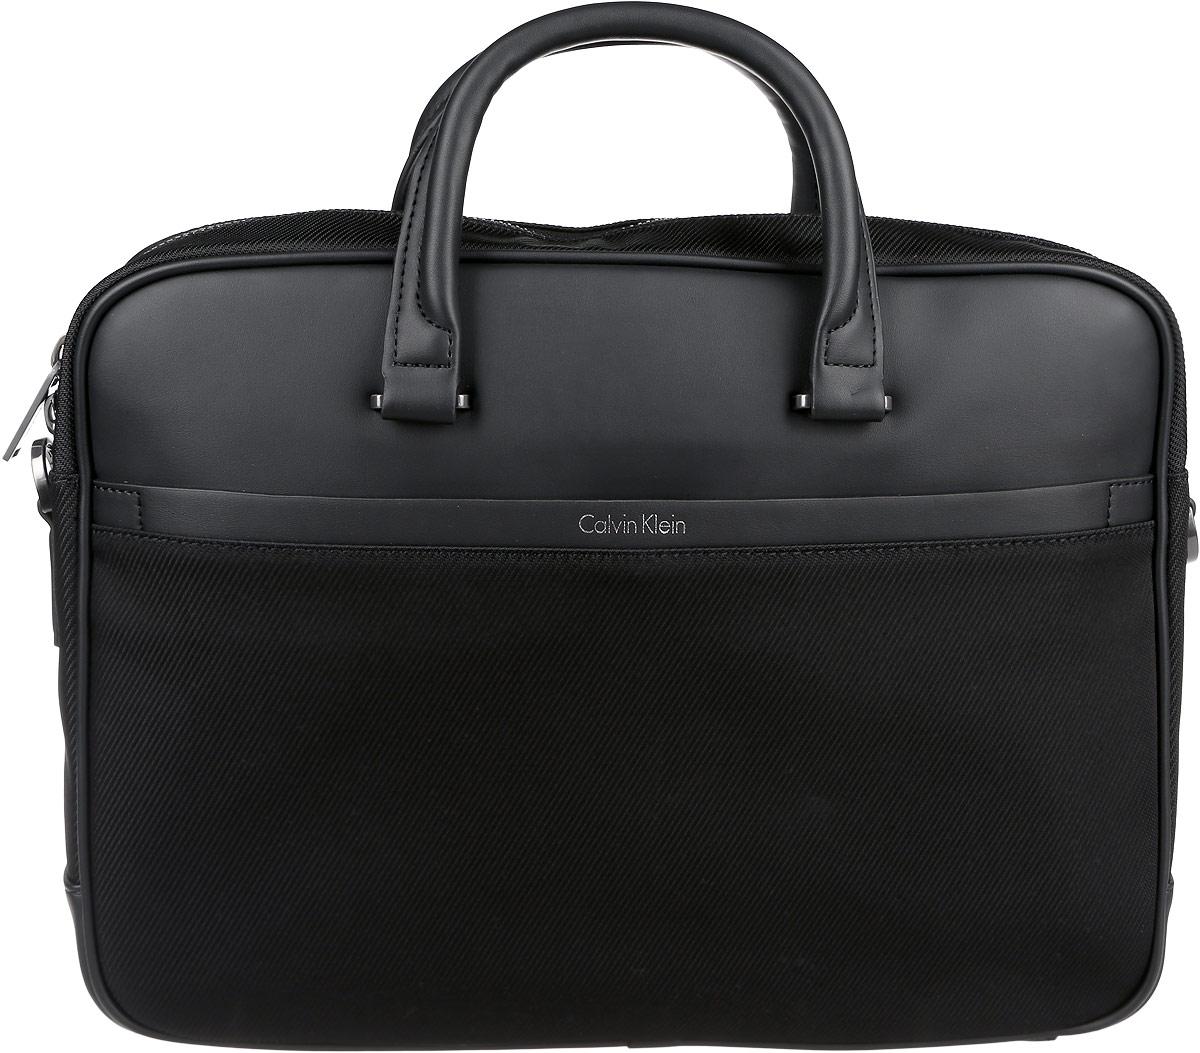 Сумка мужская Calvin Klein Jeans, цвет: черный. K50K502412_0010K50K502412_0010Стильная мужская сумка Calvin Klein Jeans выполнена из полиуретана и текстиля. Изделие имеет одно отделение, которое закрывается на застежку-молнию. Внутри сумки расположен прорезной карман на застежке-молнии, нашивной карман на кнопке, мягкий карман для планшета или небольшого ноутбука с хлястиком на липучке и кольцо на ремешке для ключей. Снаружи, на передней стенке находится нашивной карман на магнитной кнопке, на задней стенке - дополнительный открытый нашивной карман. Сумка оснащена двумя удобными ручками. В комплект входит съемный наплечный ремень, который регулируется по длине. Стильная сумка идеально подчеркнет ваш неповторимый стиль.